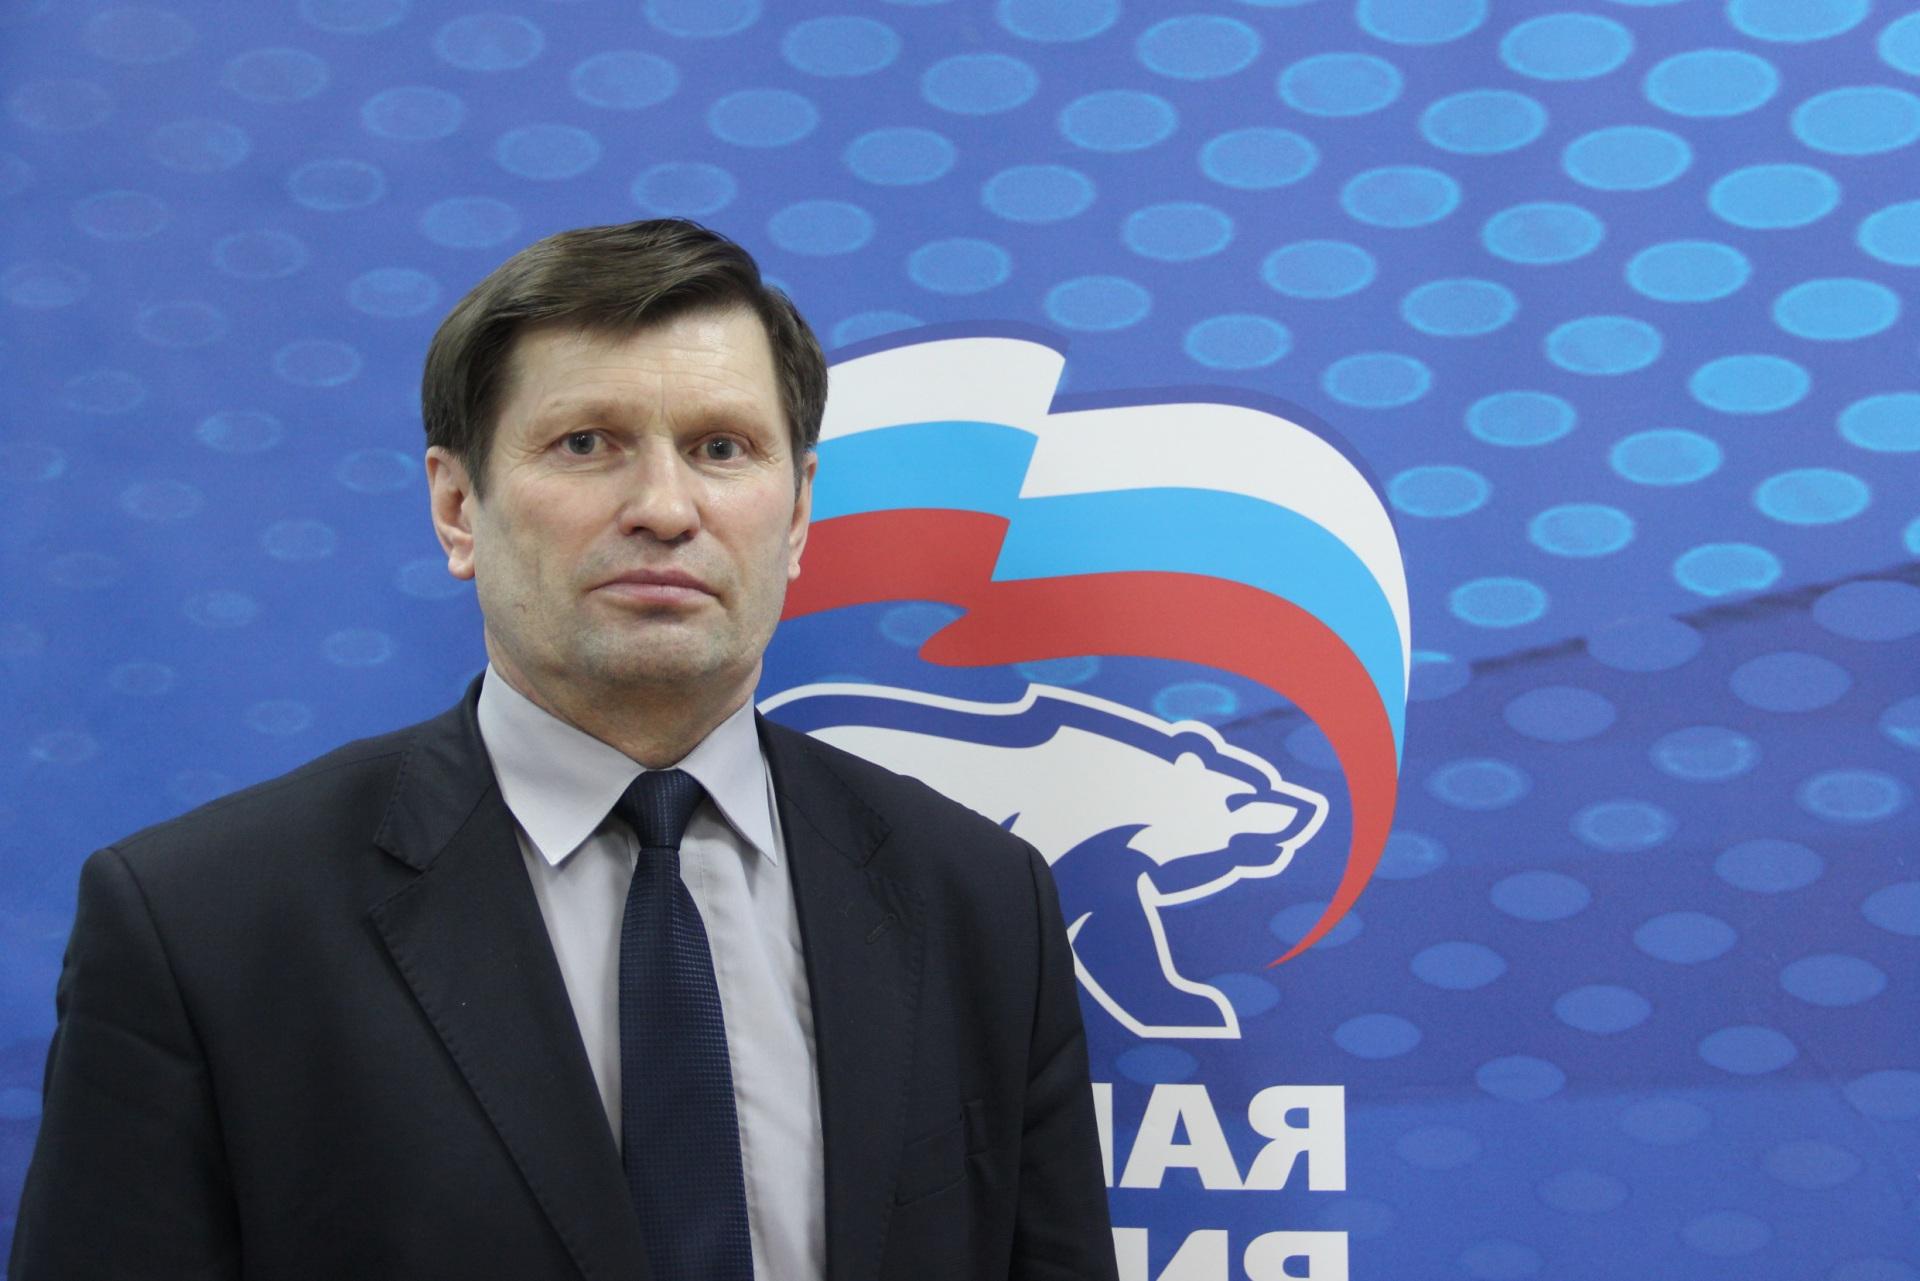 Сергей Бобрецов подал заявление на участие в предварительном голосовании по выборам в Госсовет Коми